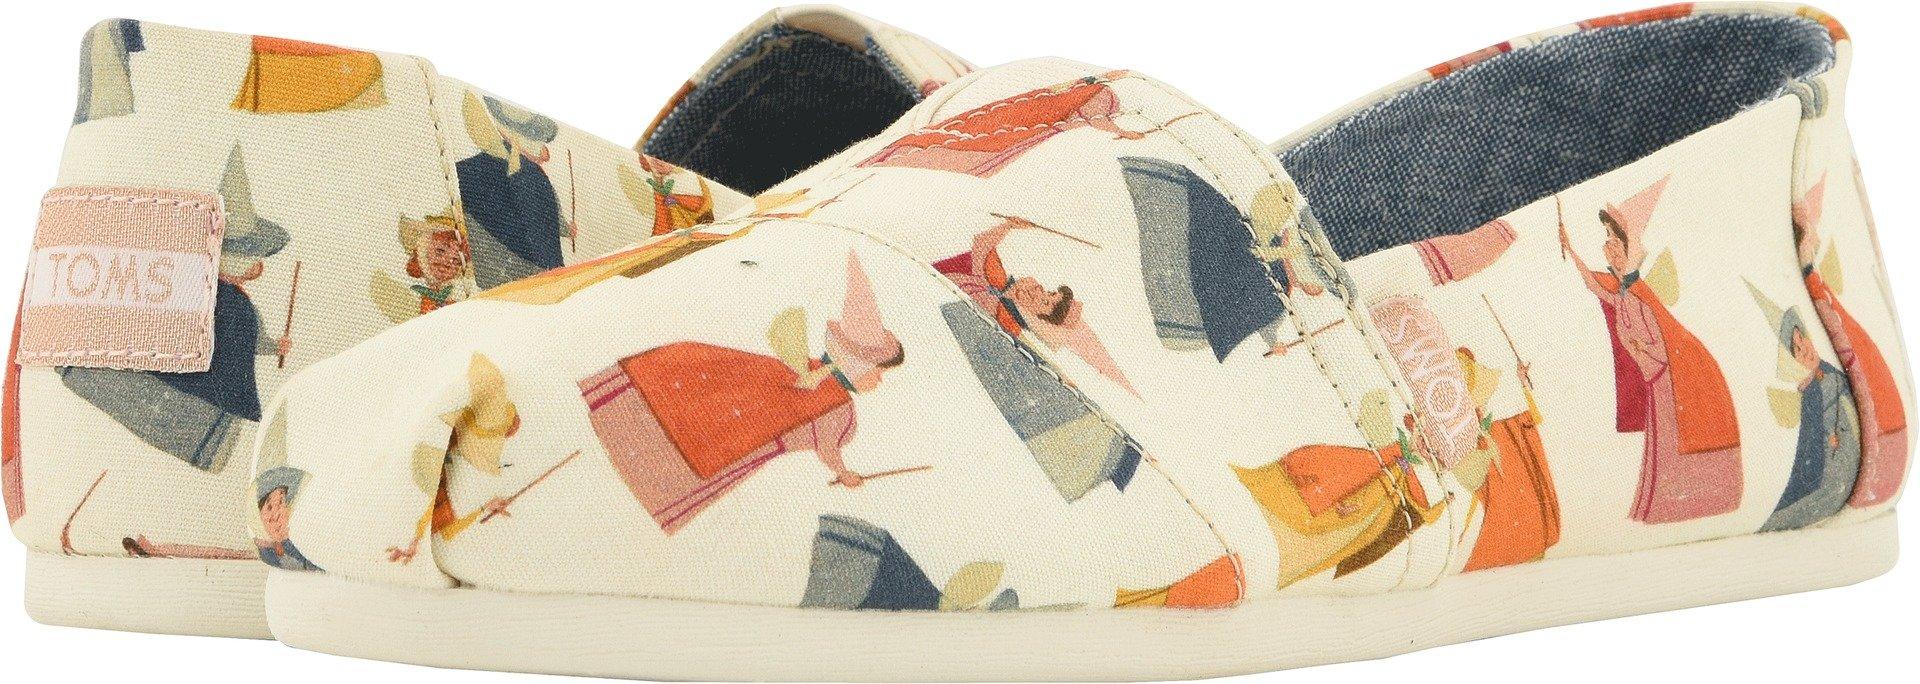 TOMS Women's Alpargata Cotton Espadrille, Size: 11 B(M) US, Color: NAT Fry Gmothr P CVS